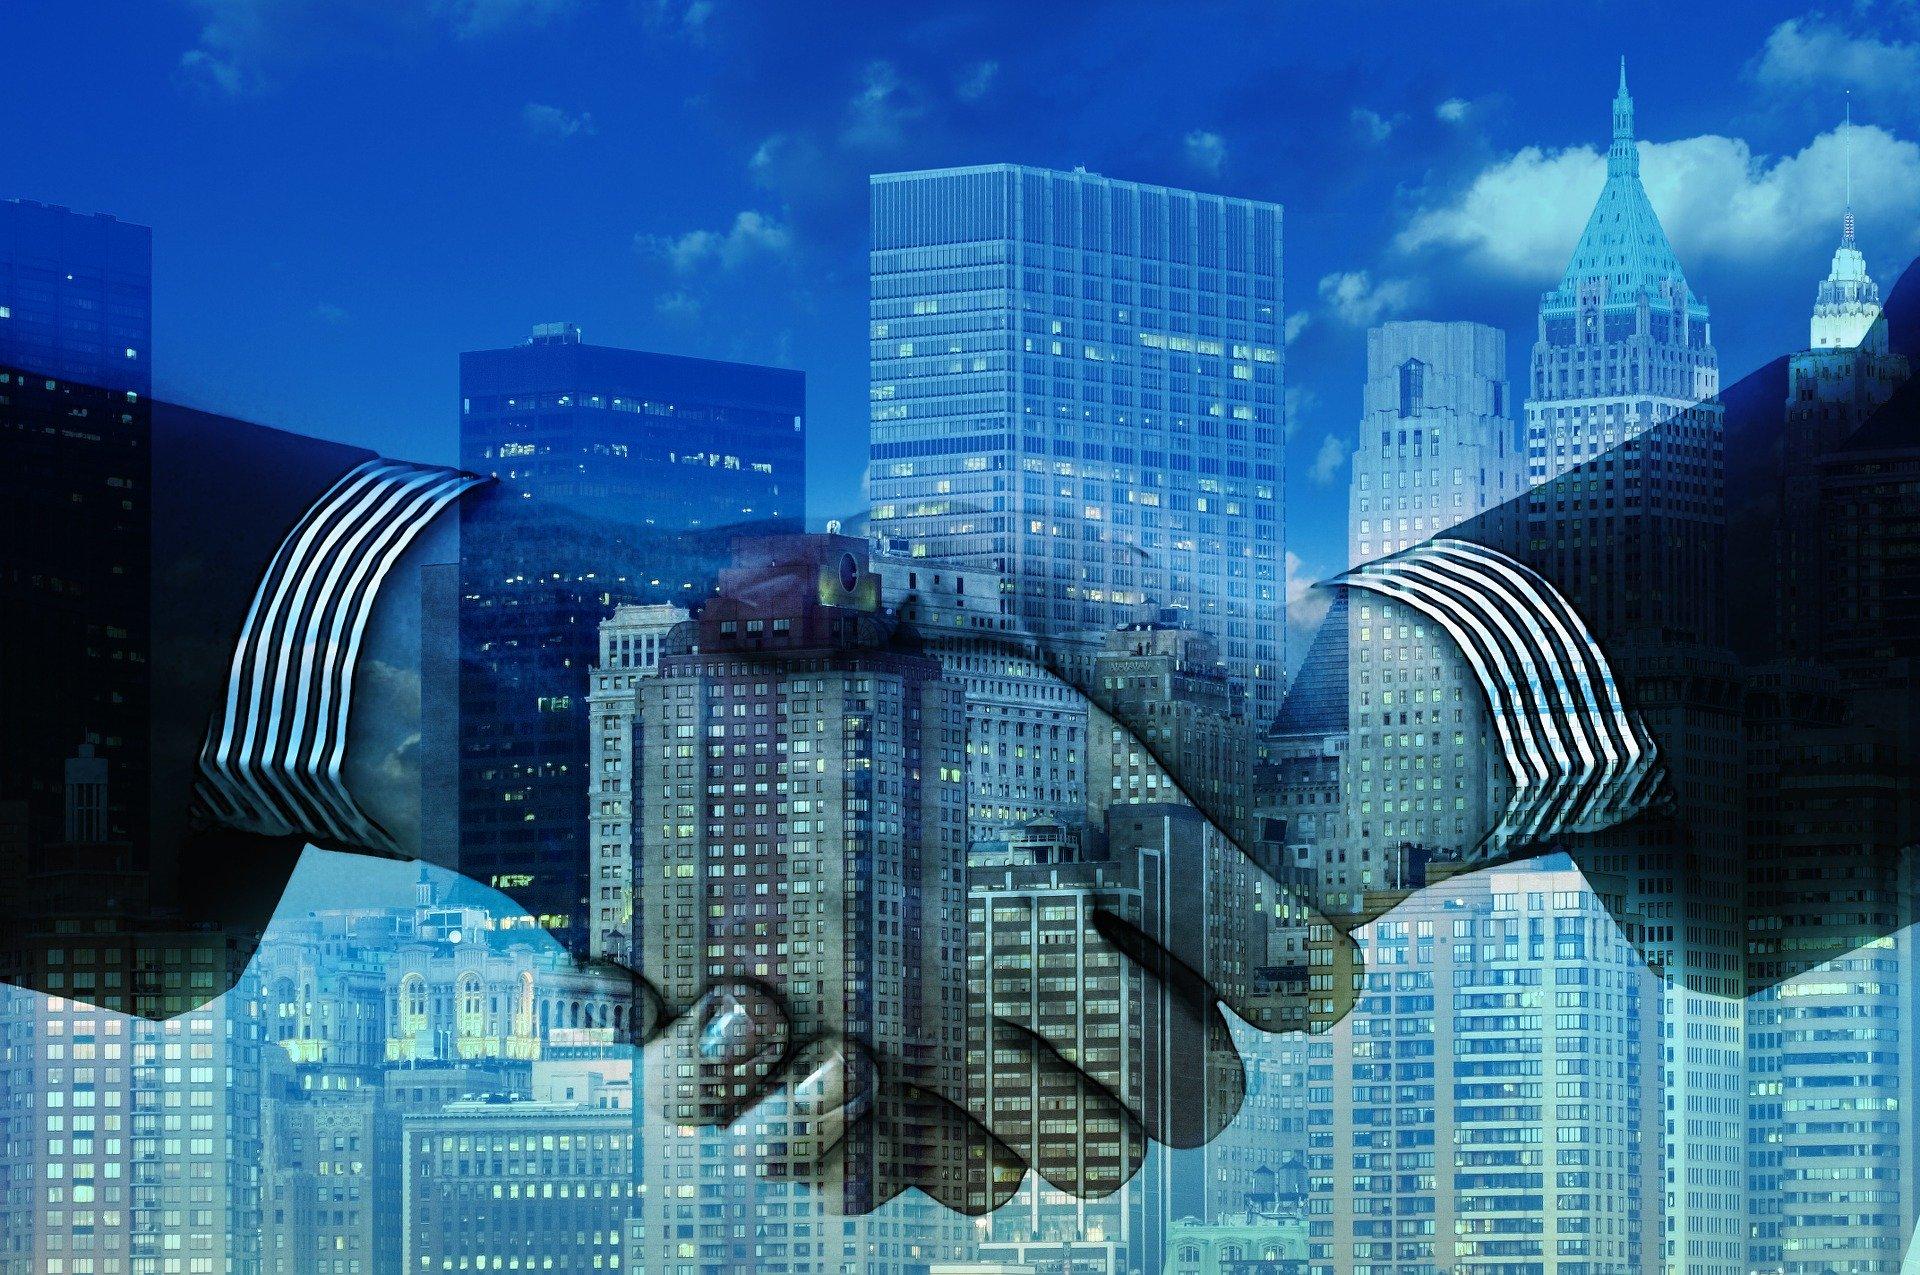 La fusión de empresas como forma de crecimiento empresarial